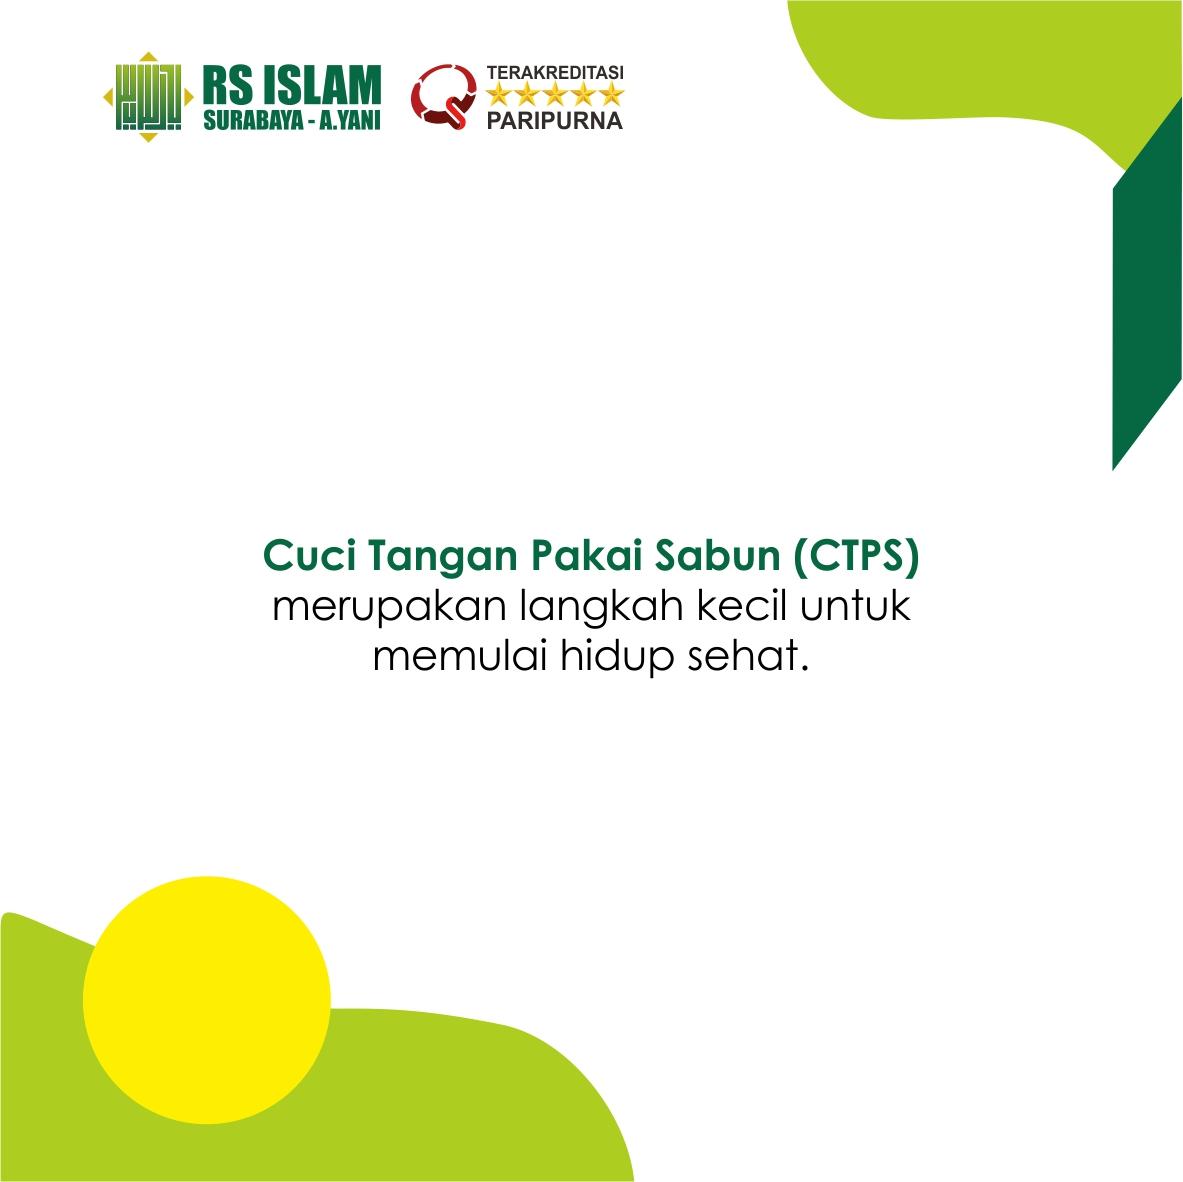 Hari Cuci Tangan Pakai Sabun Sedunia 2019 Rs Islam Surabaya